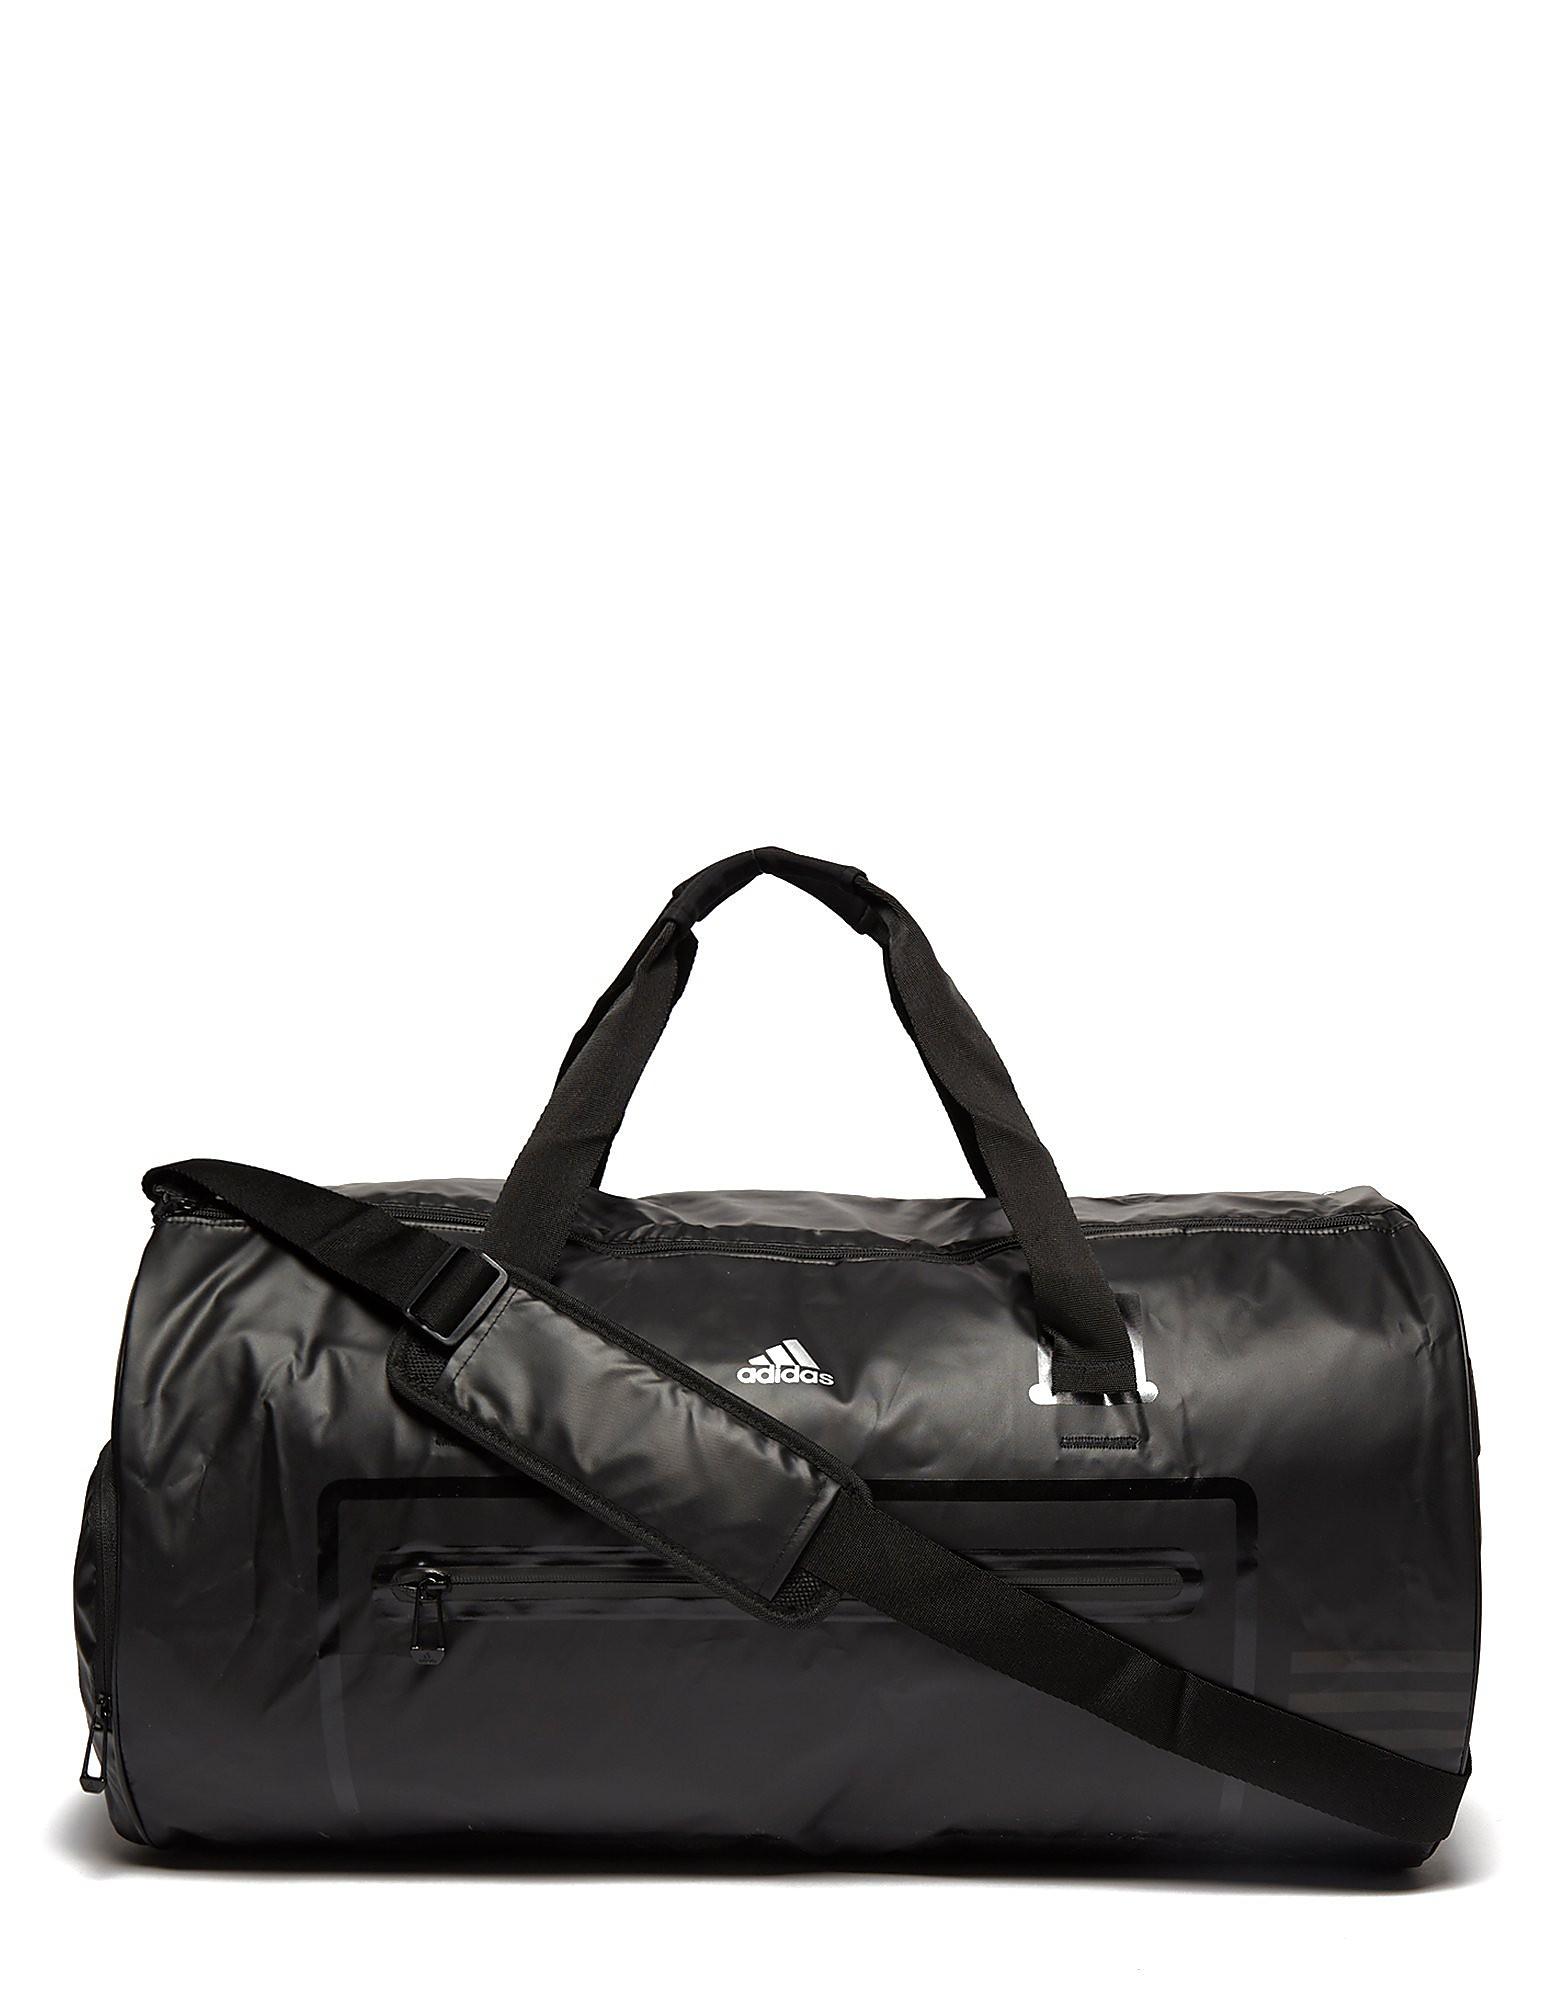 adidas Climacool large Team Bag